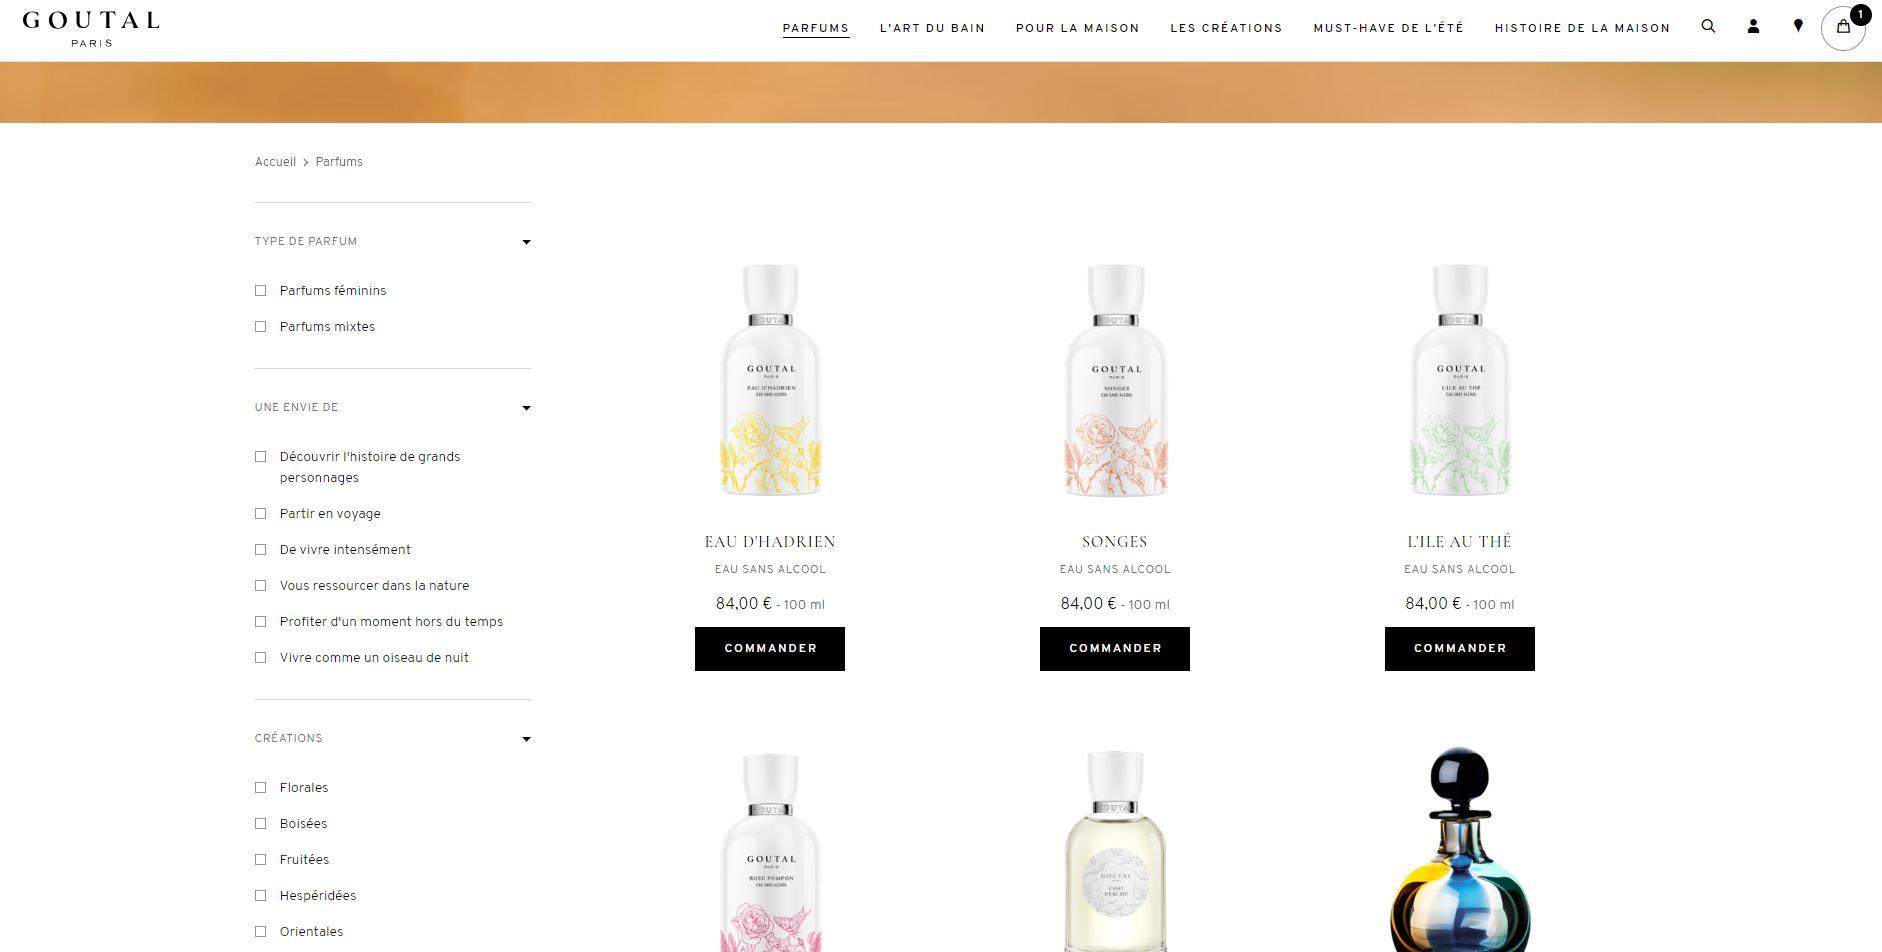 refonte Goutal Paris : page parfums